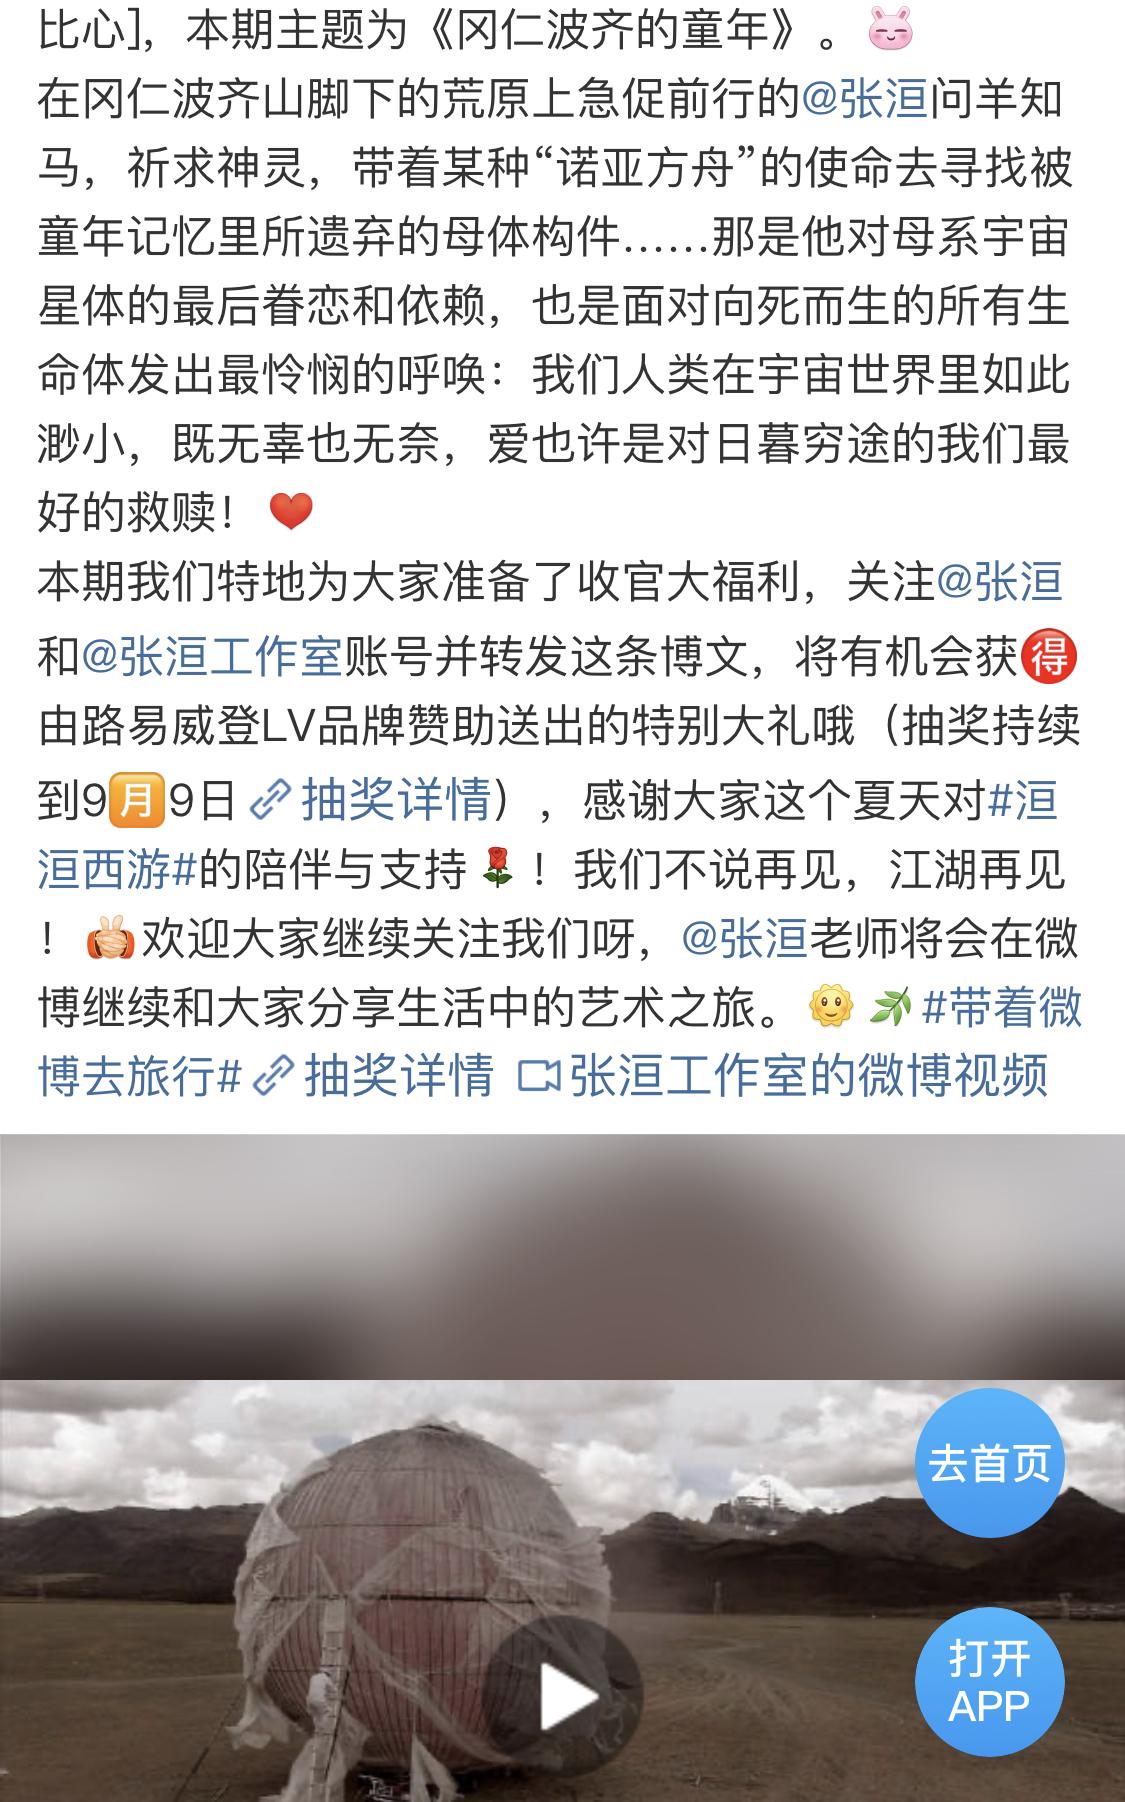 """张洹微博有关在冈仁波齐""""大地艺术""""作品的宣传截图。(Public Domain)"""